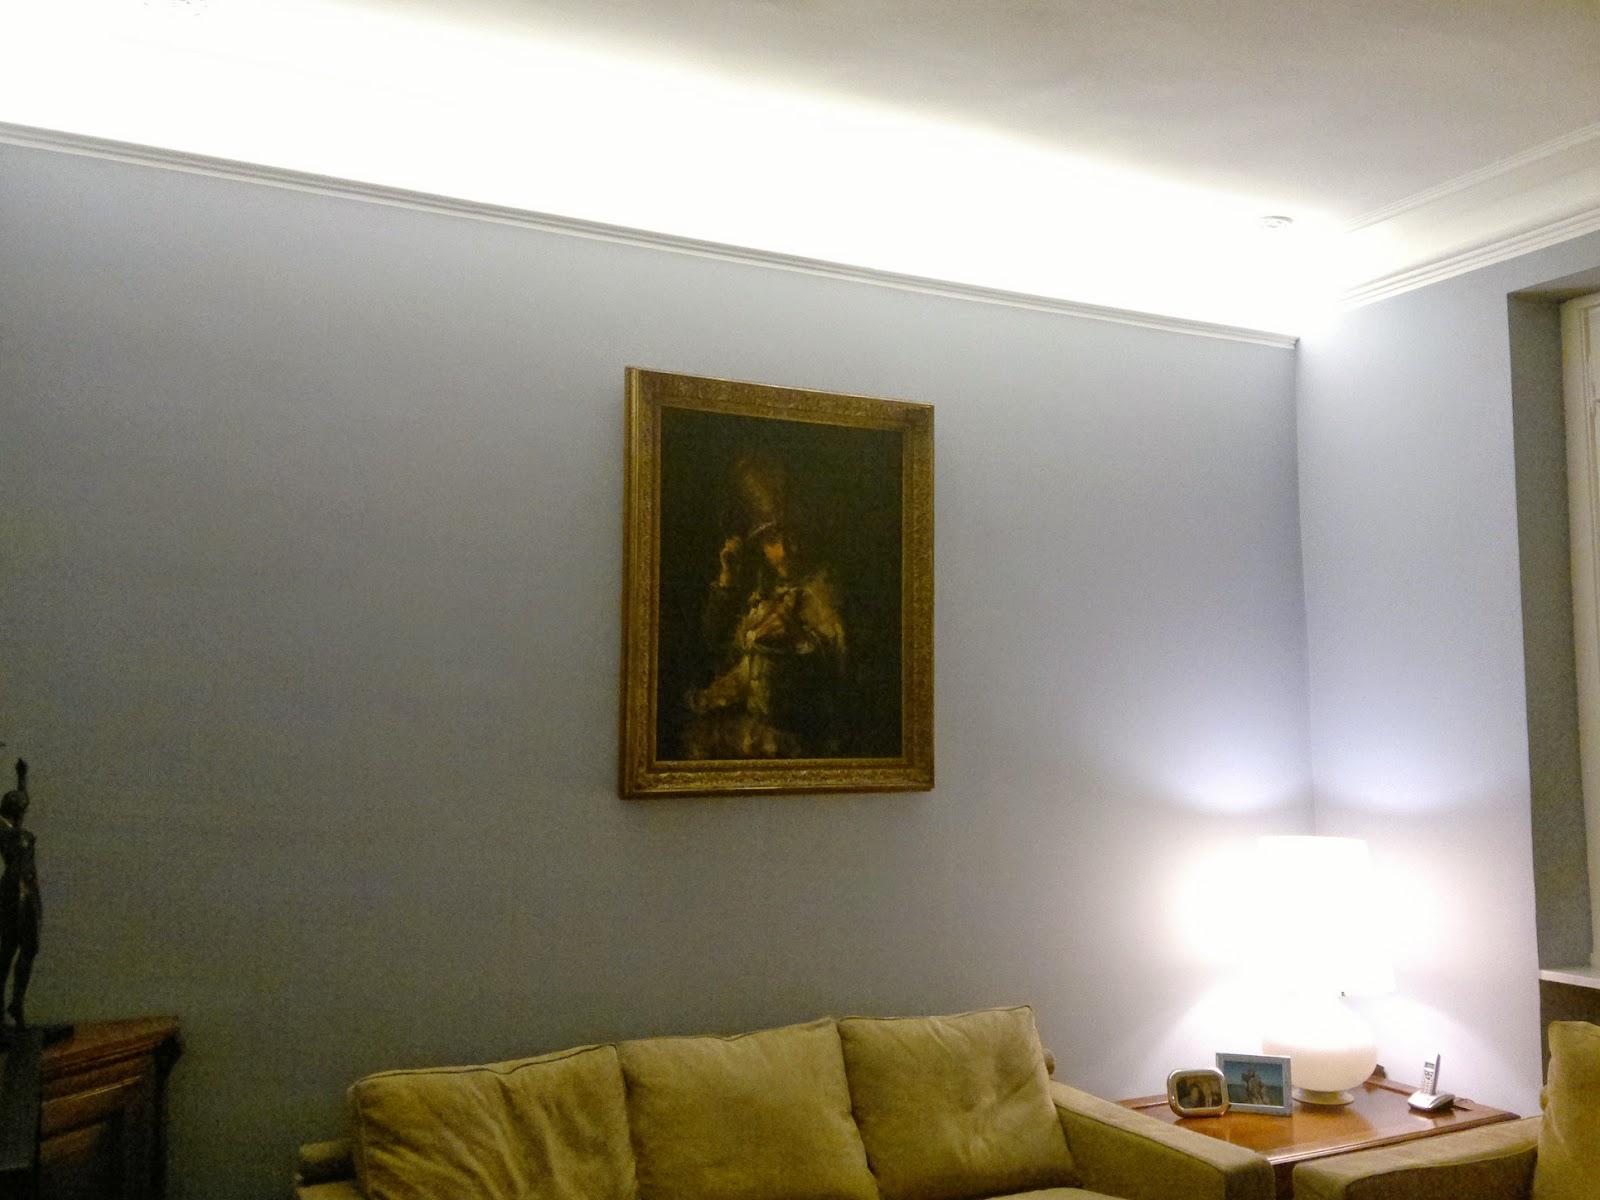 Illuminazione indiretta nel controsoffitto forum for Luci led interni